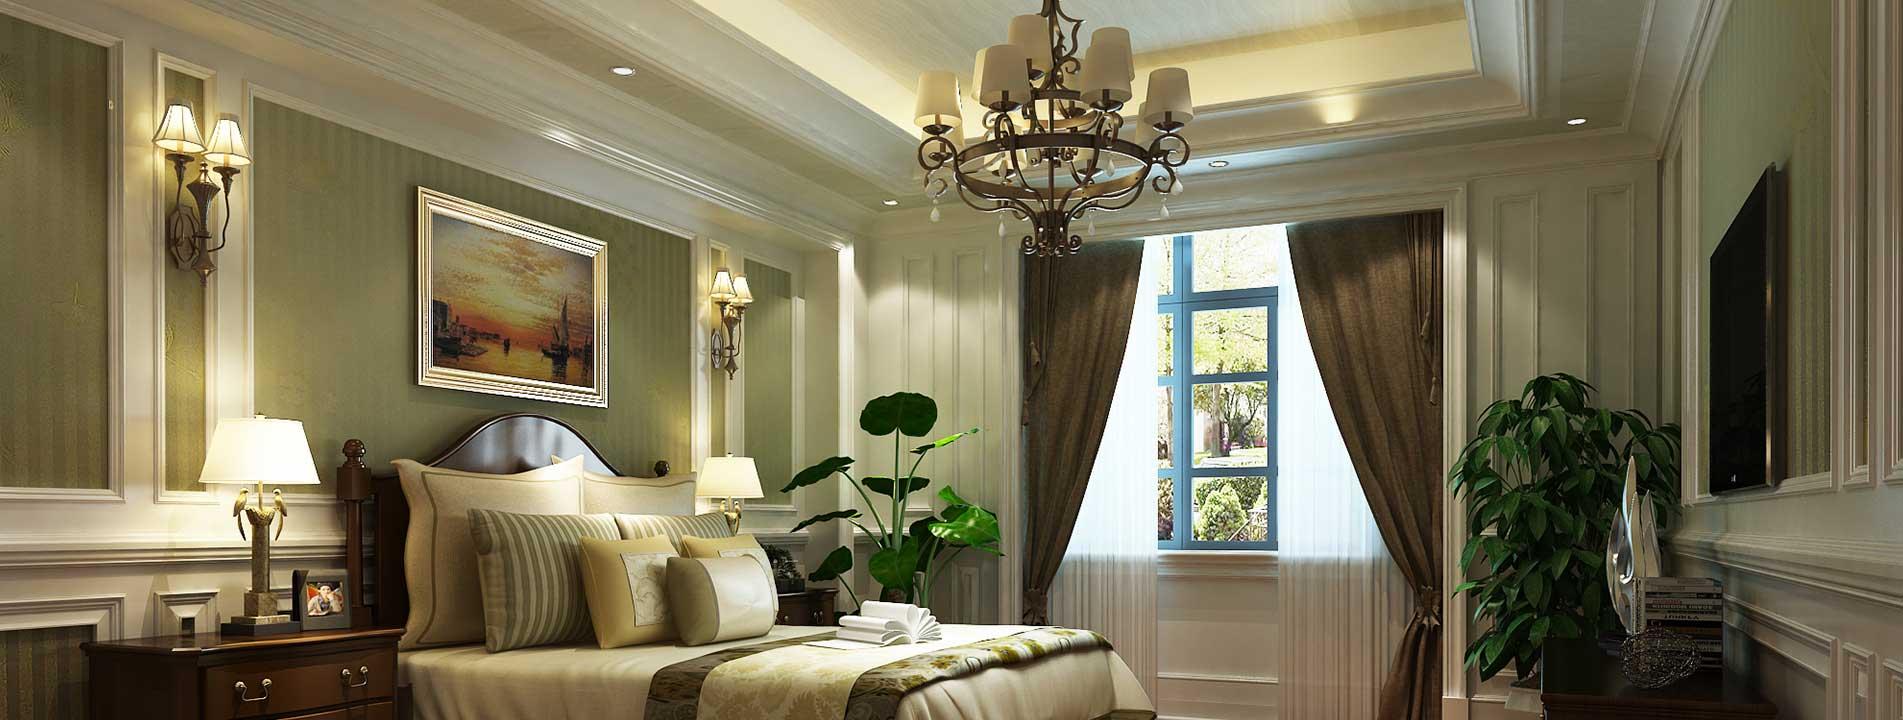 臥室集成吊頂與集成墻面整裝效果圖